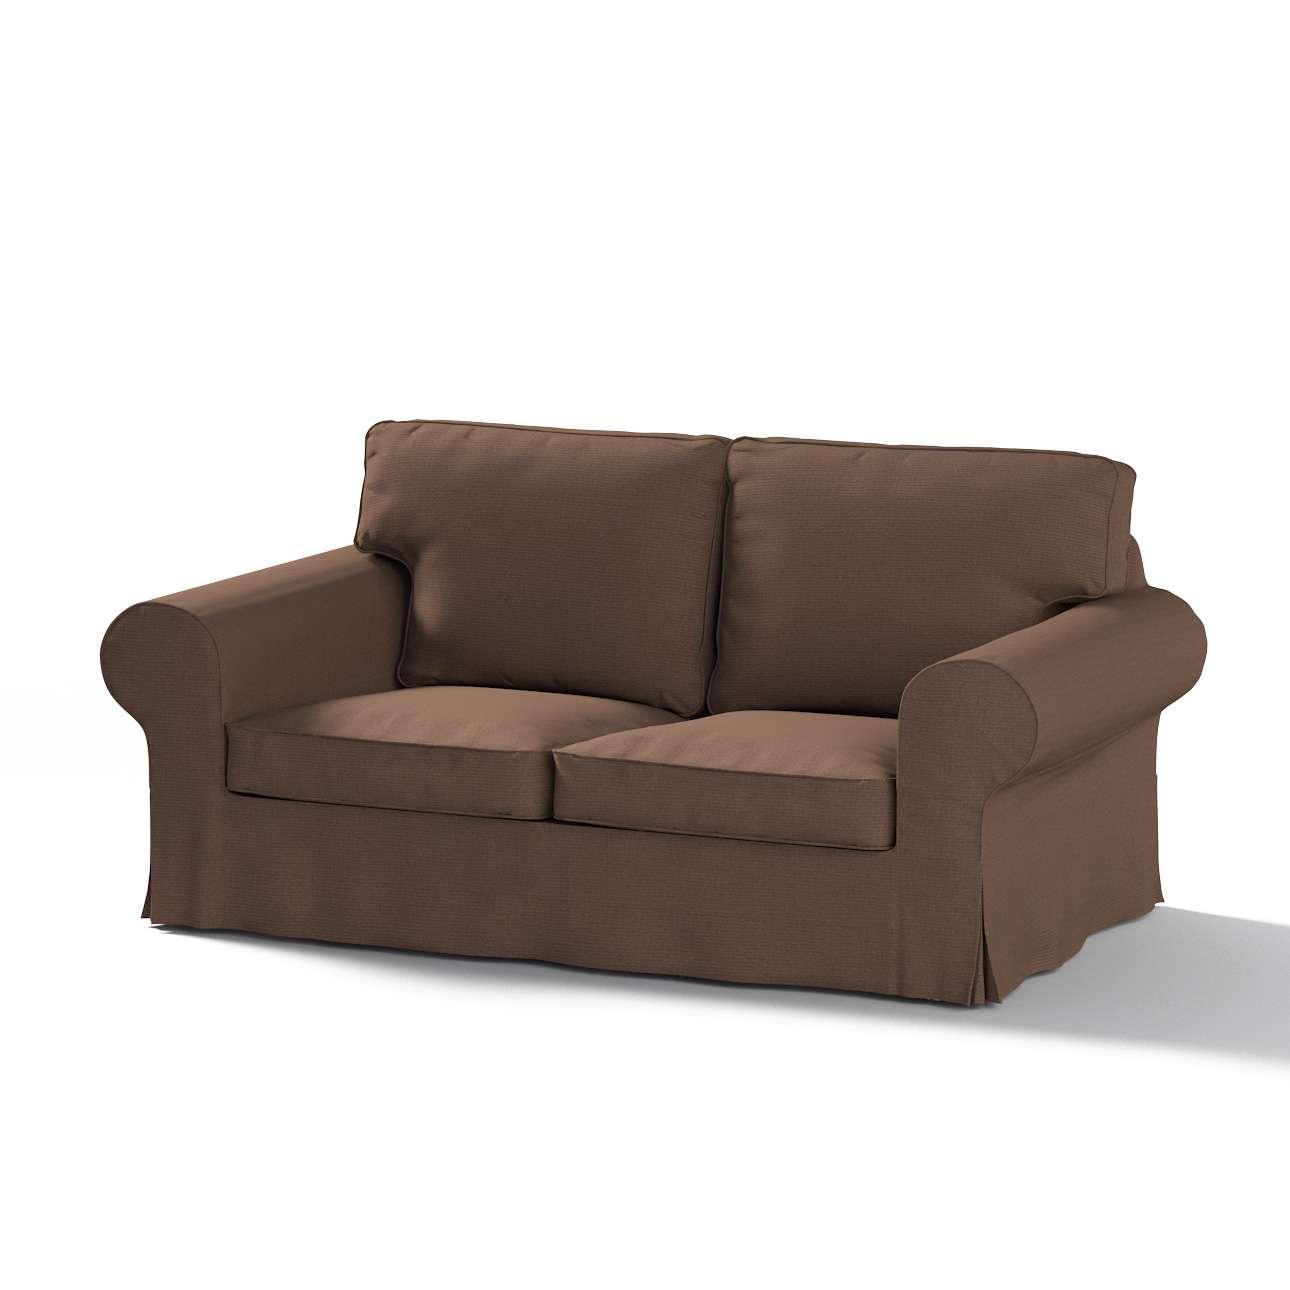 Pokrowiec na sofę Ektorp 2-osobową, rozkładaną STARY MODEL Sofa Ektorp 2-osobowa rozkładana w kolekcji Etna , tkanina: 705-08